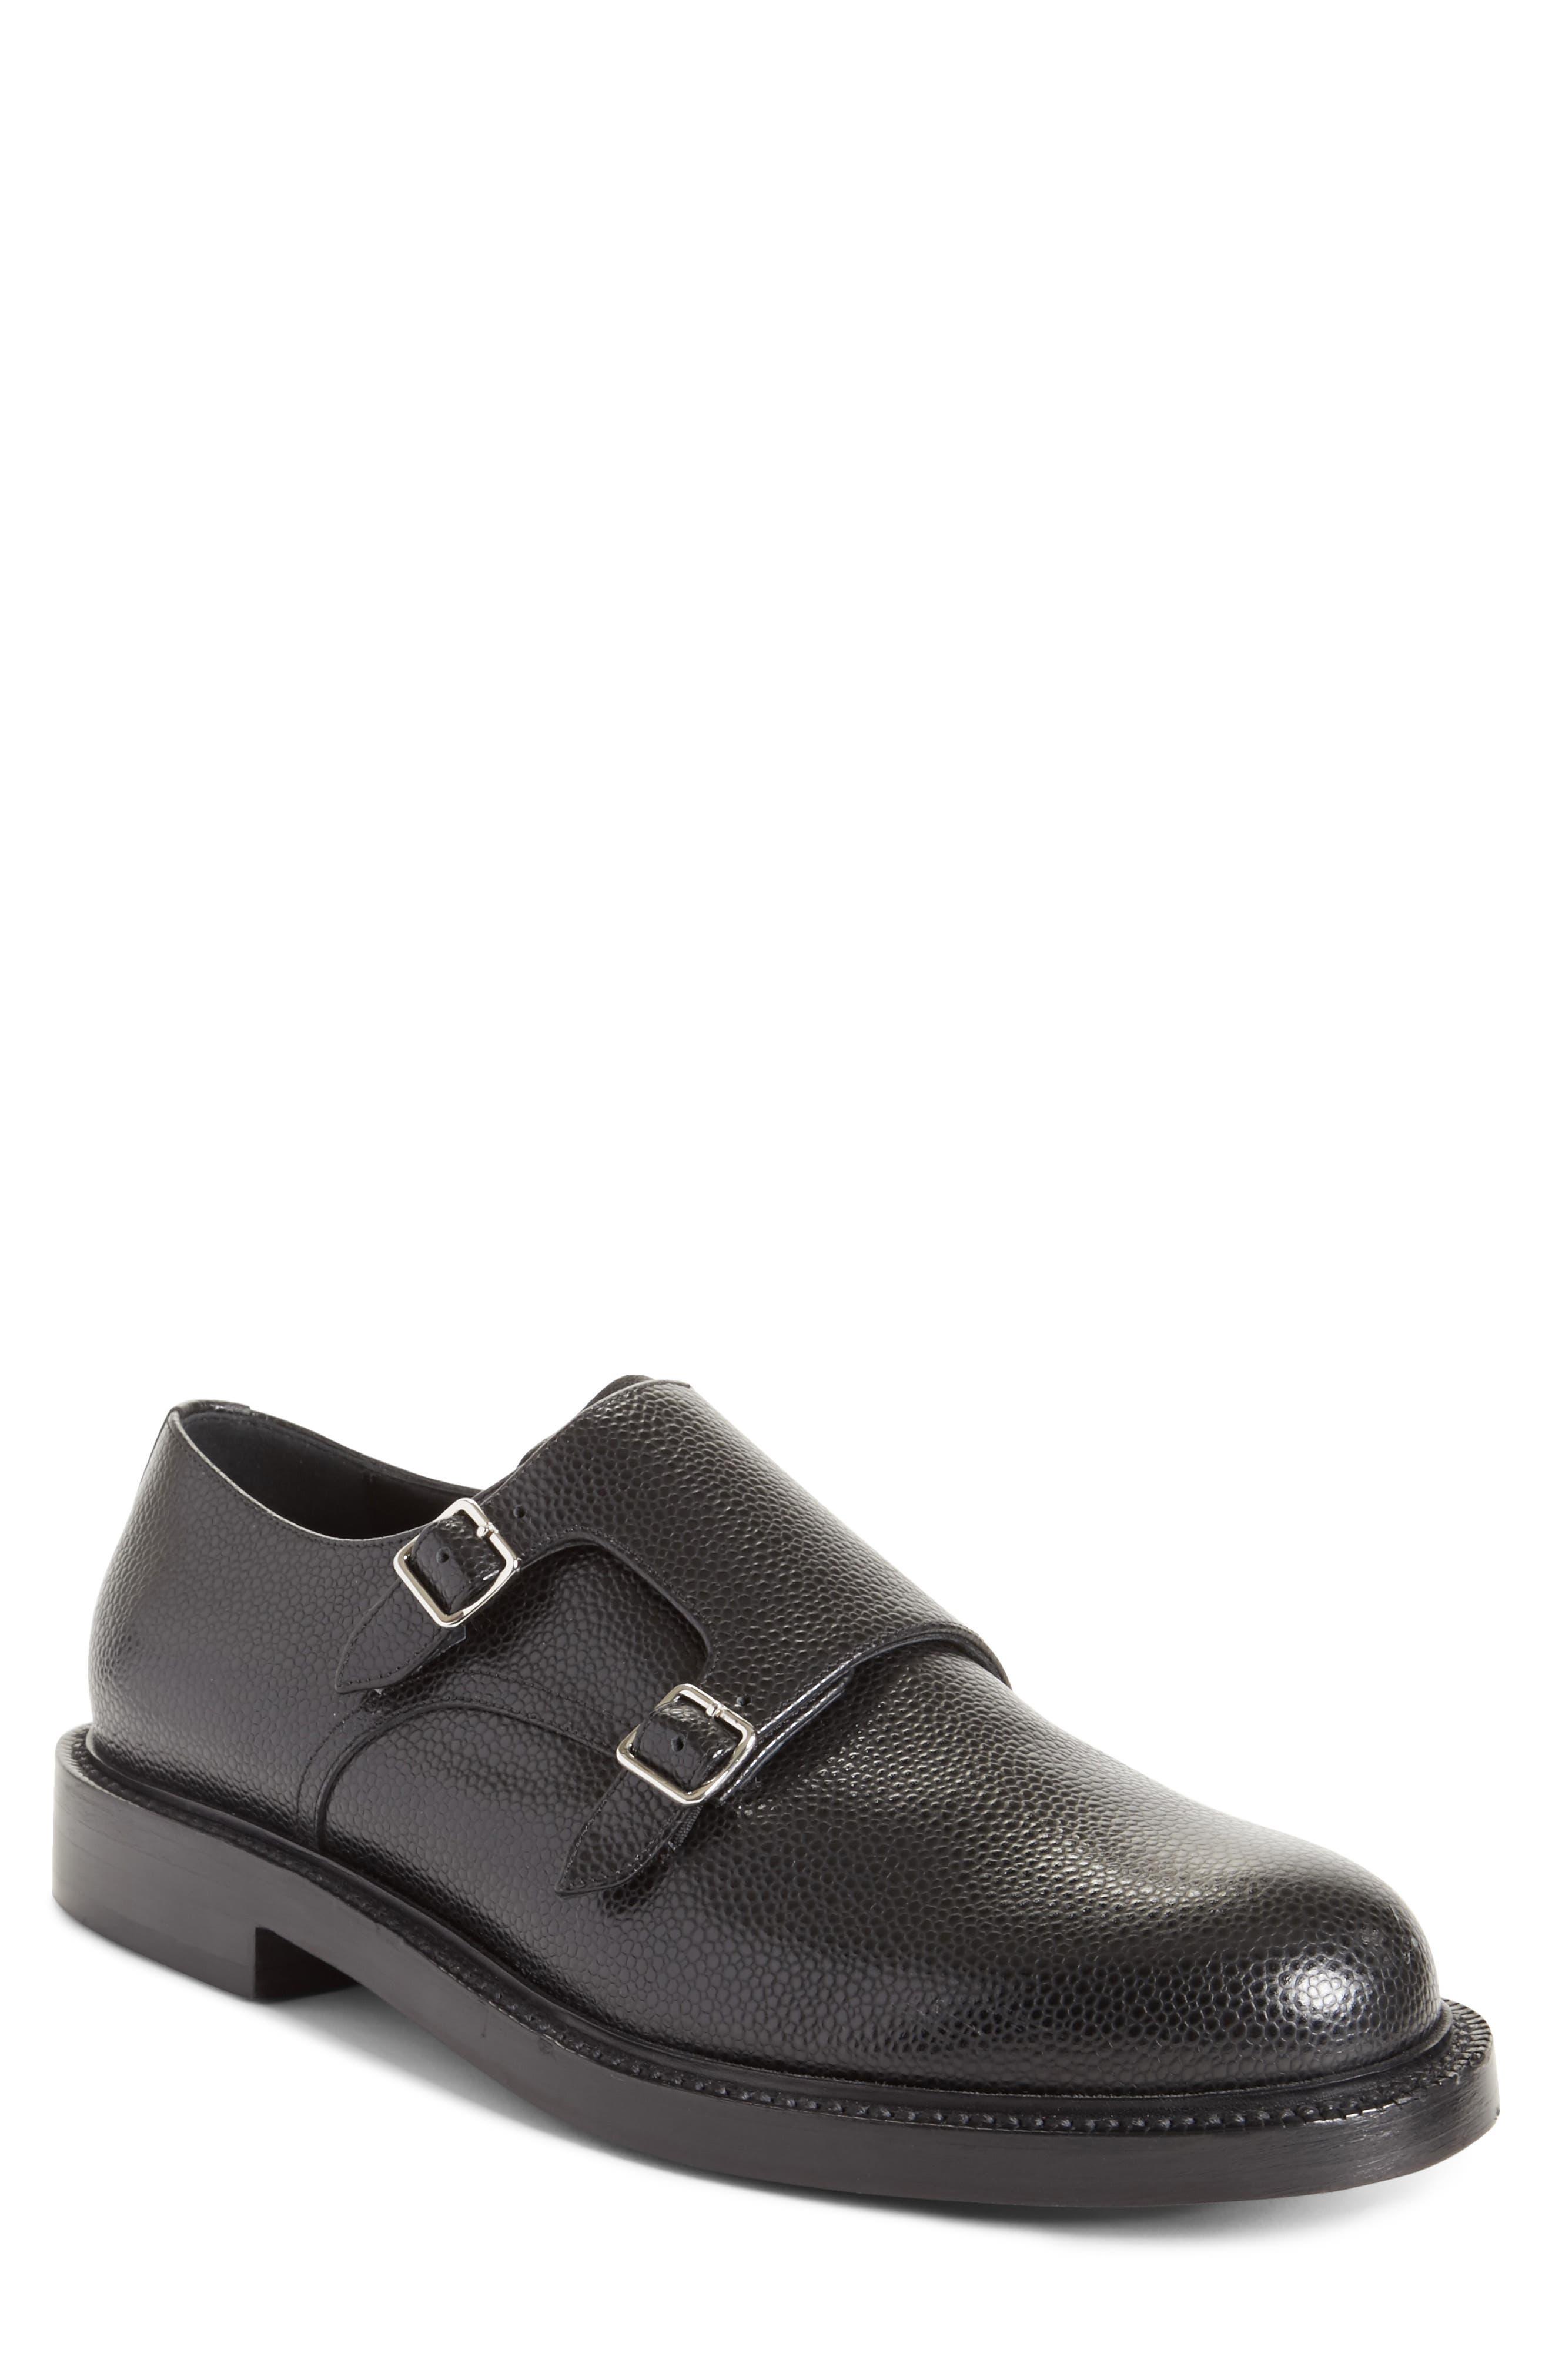 Hova Double Monk Strap Shoe,                         Main,                         color, Black Leather